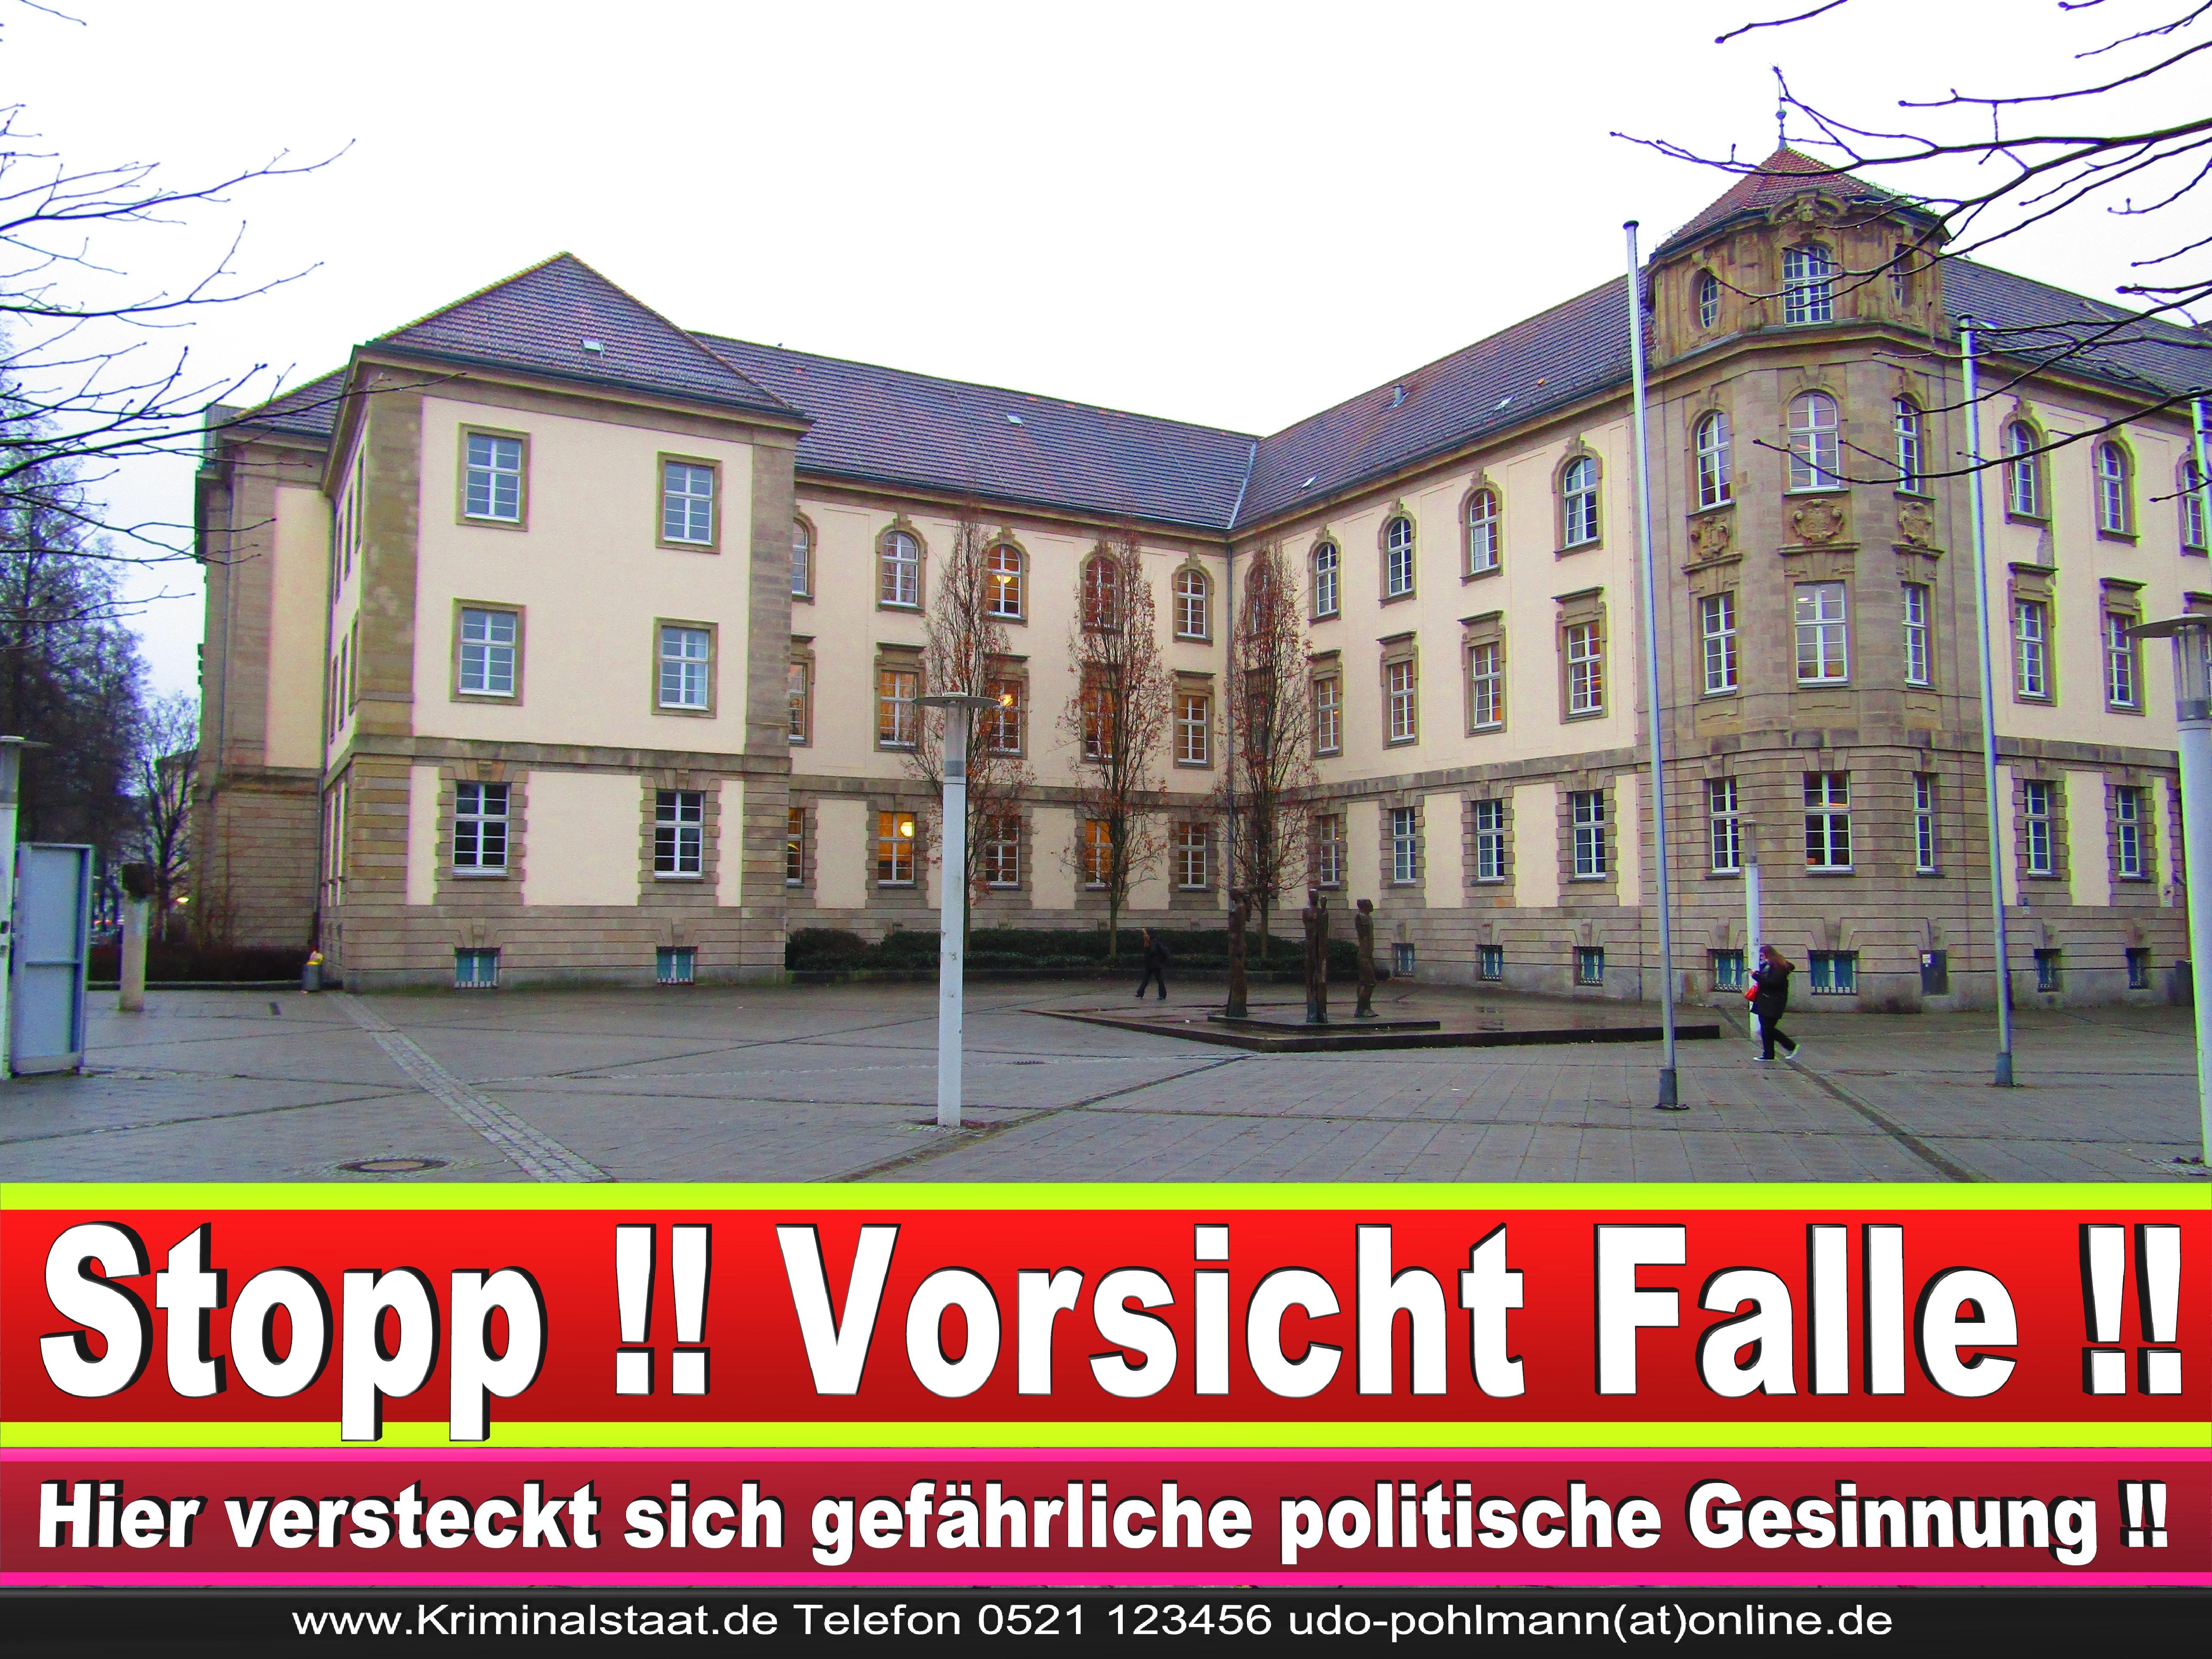 AMTSGERICHT DORTMUND RICHTER AUSBILDUNG PRAKTIKUM ANFAHRT URTEILE KORRUPTION POLIZEI ADRESSE DIREKTOR (1) 1 1